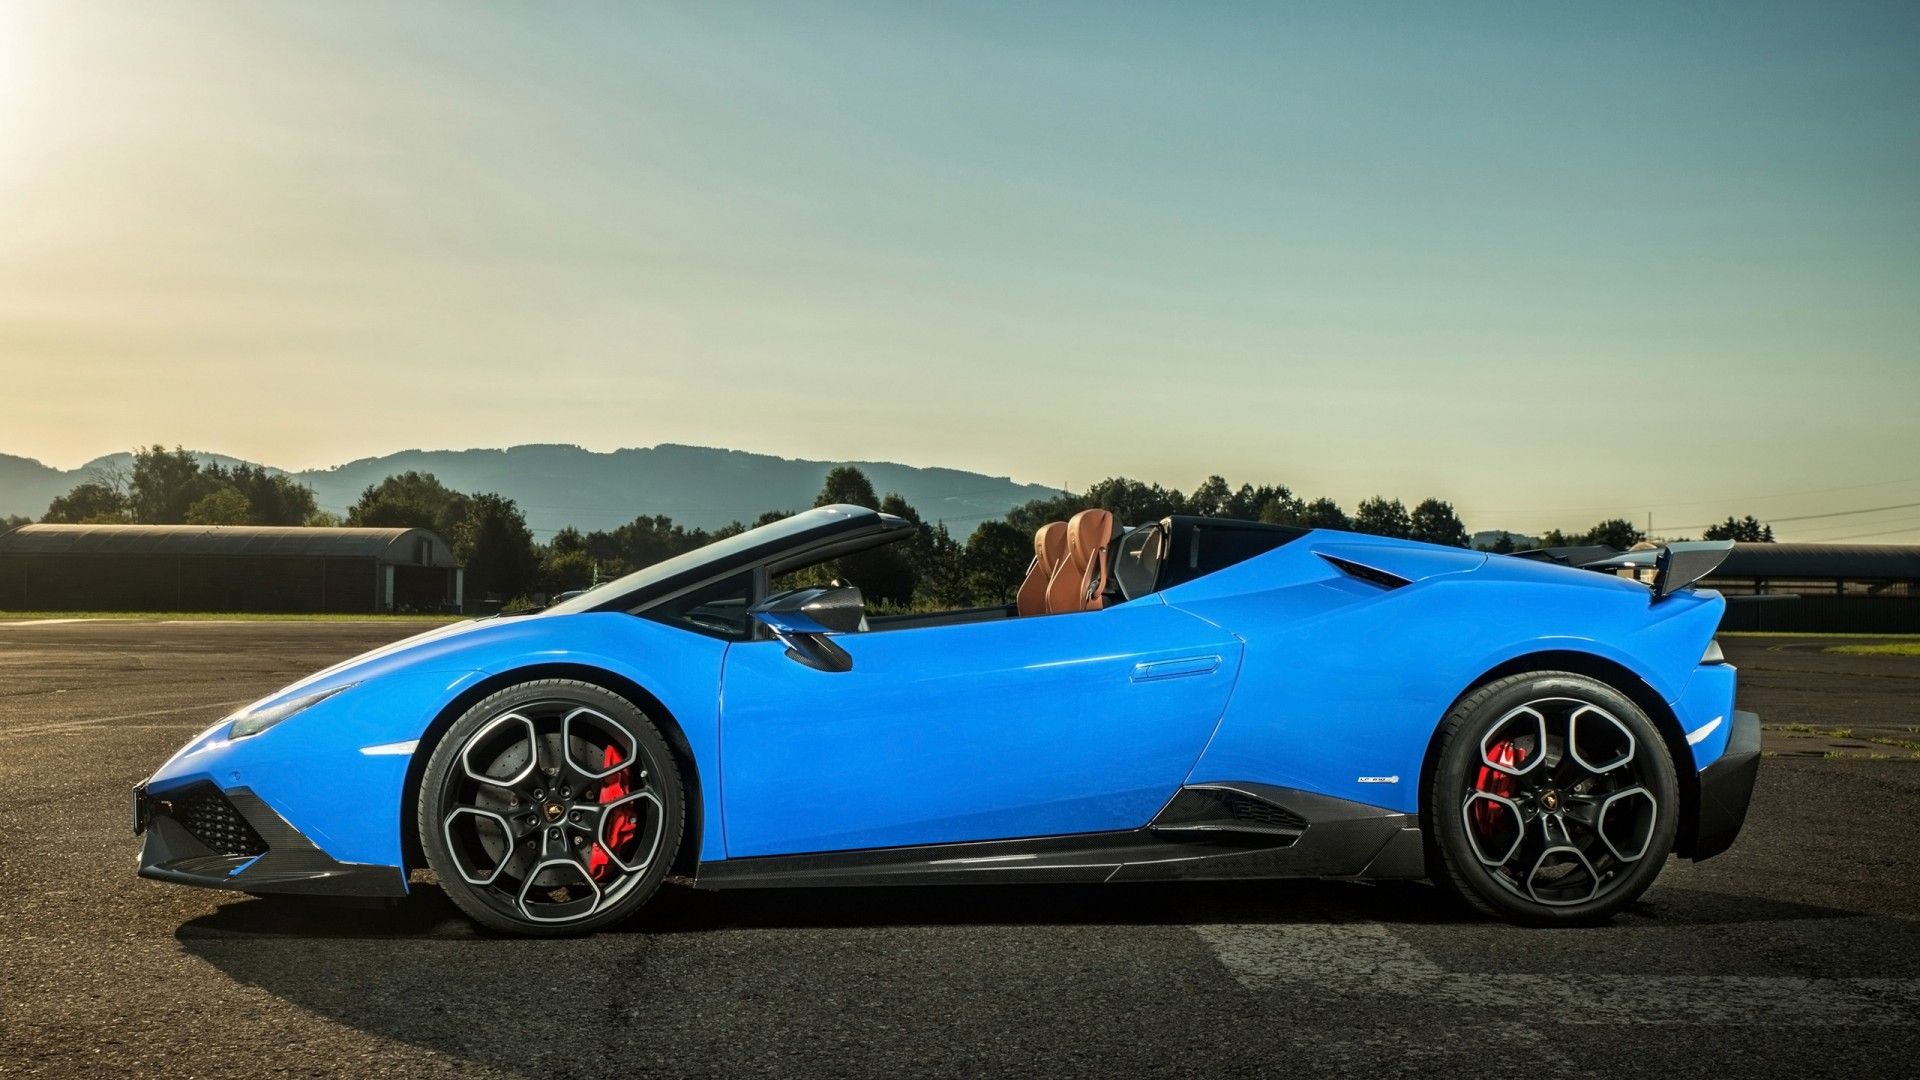 2017 OCT Tuning Lamborghini Huracan Wallpaper | HD Car ...